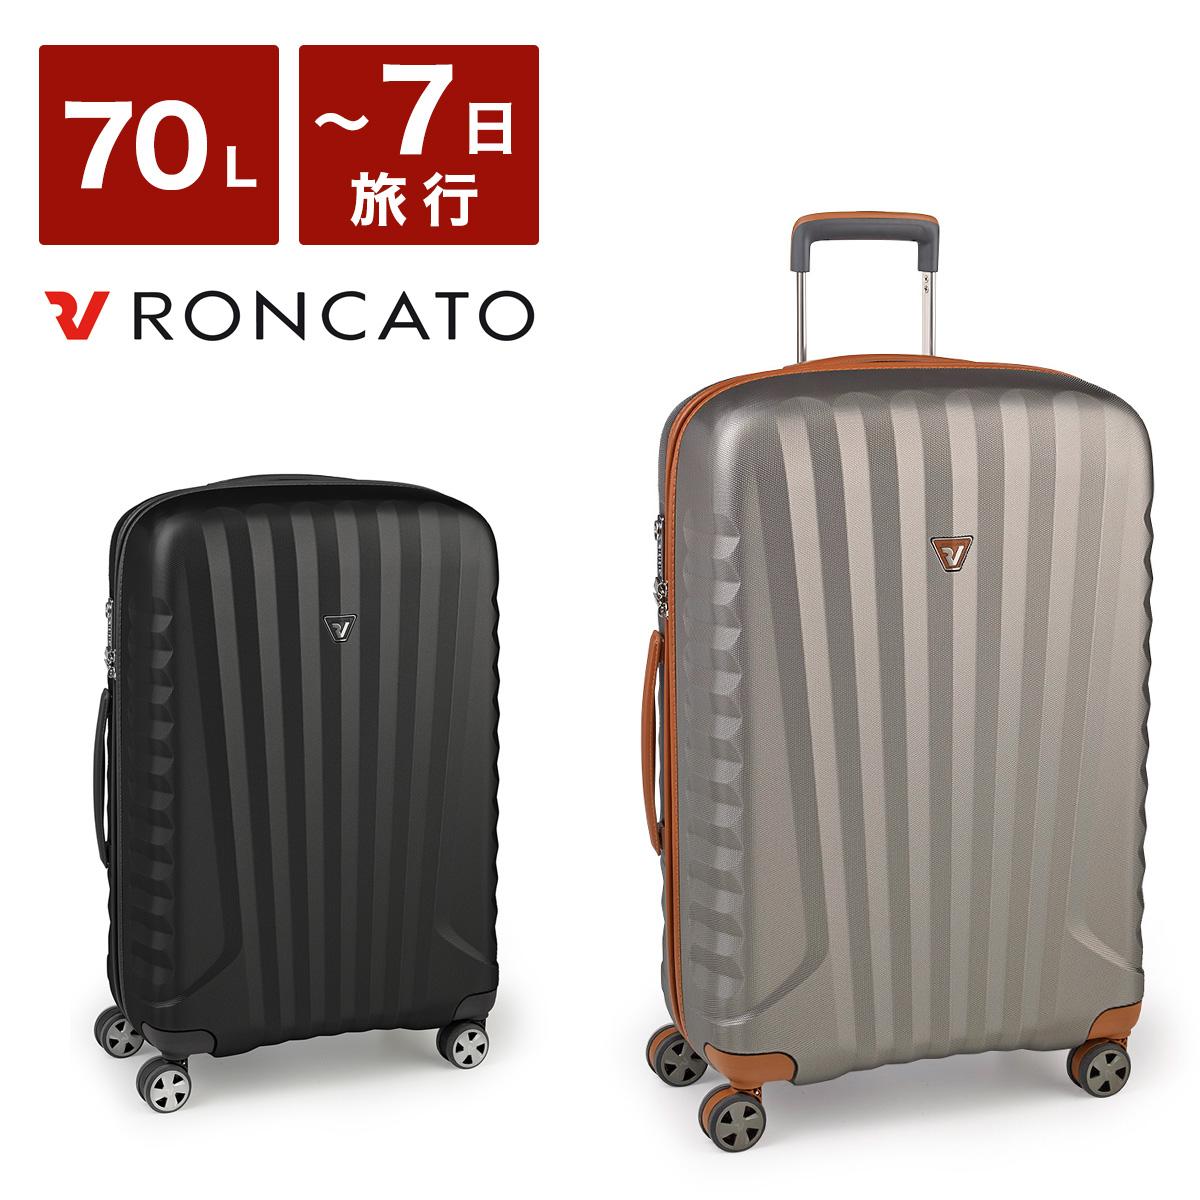 ロンカート スーツケース 70L 67cm 3.1kg ハード ファスナー イタリア製 イーライト 5222 RONCATO E-LITE キャリーケース 軽量 TSAロック搭載 10年保証[PO10]